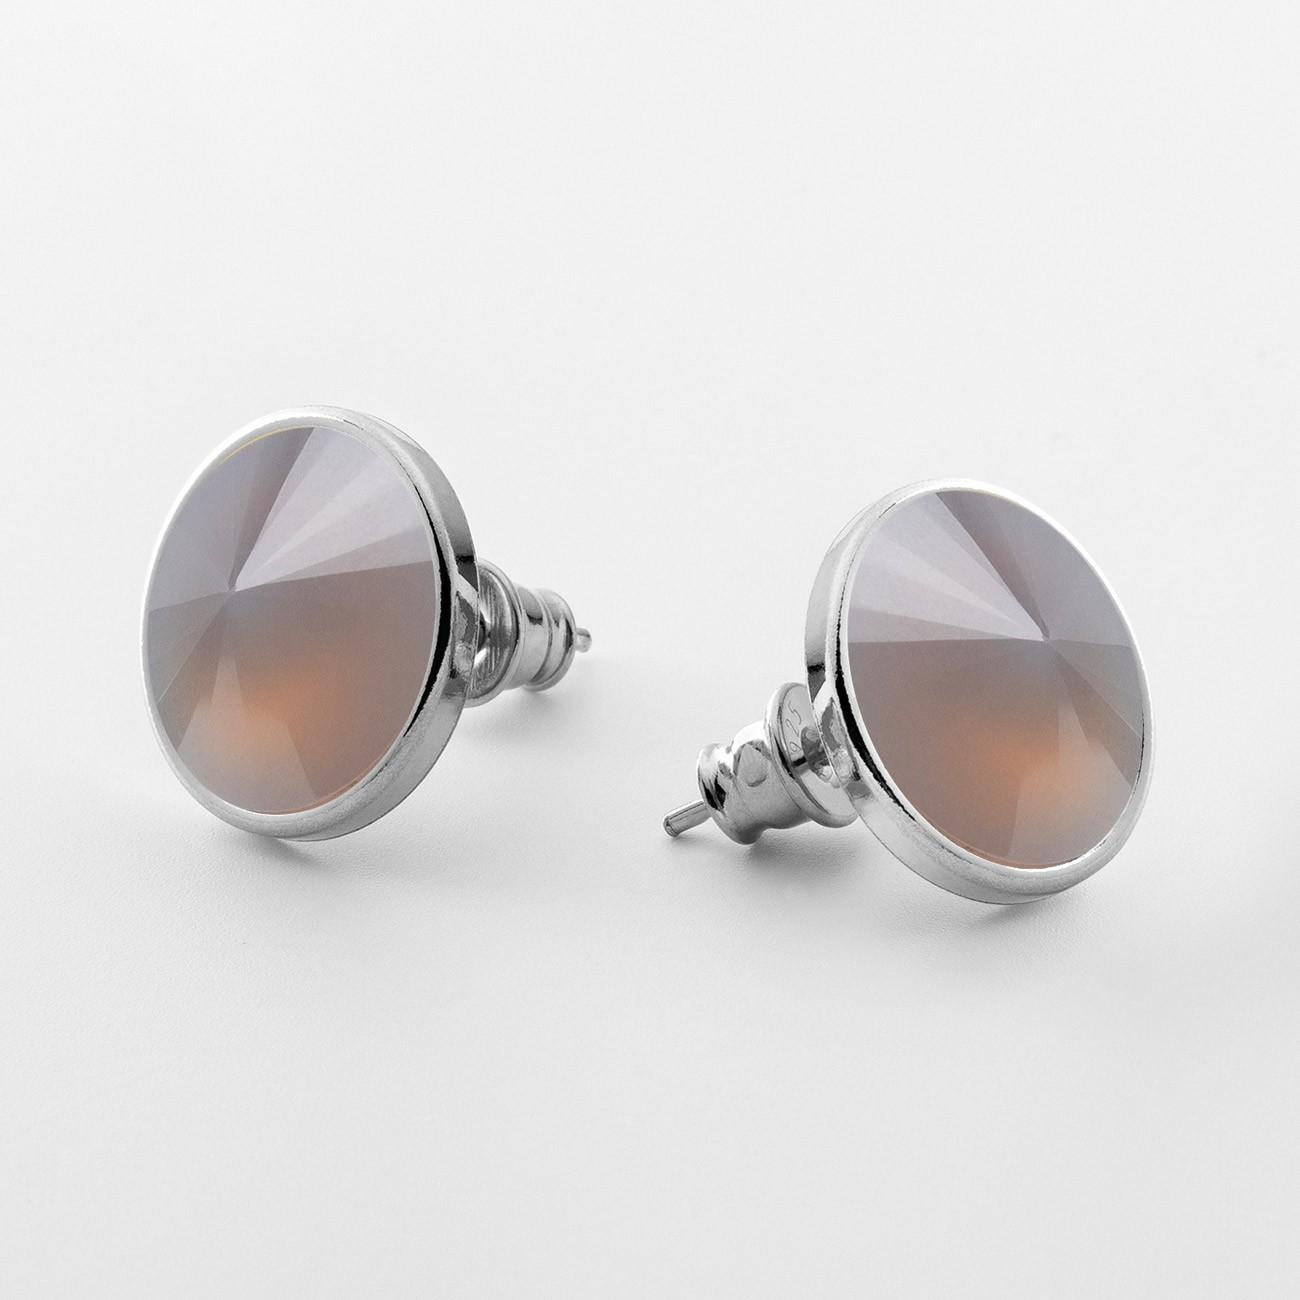 Srebrne kolczyki z kwarcem, srebro 925